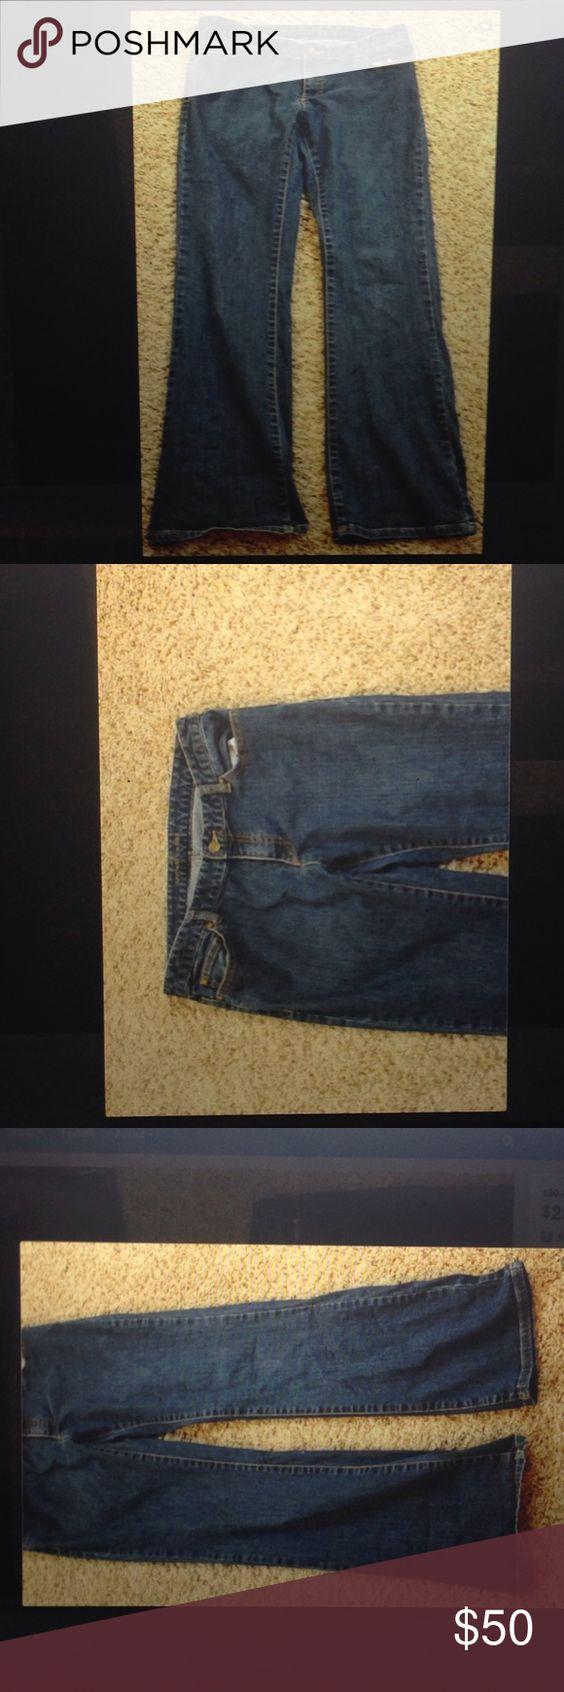 Michael Kors jeans - sz 10 Size 10 authentic Michael Kors jeans… Very good condition Michael Kors Jeans Flare & Wide Leg